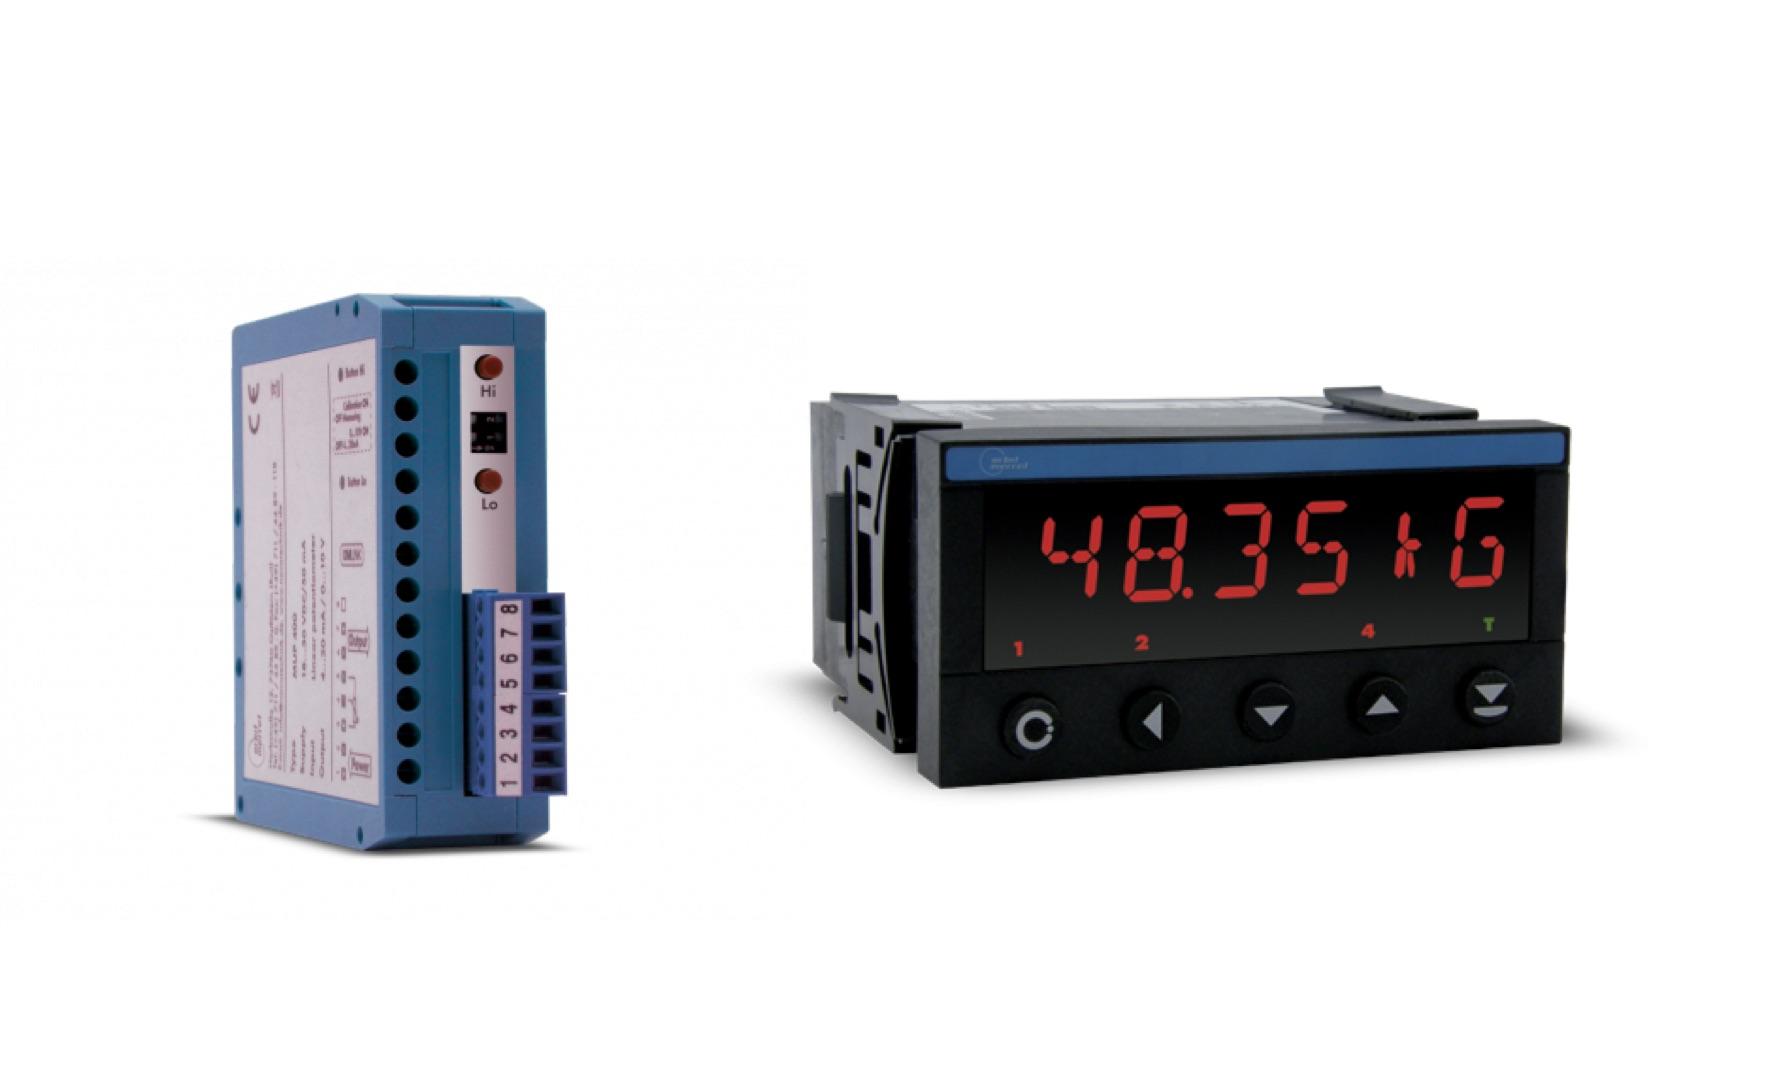 Các dòng chuyển tín hiệu loadcell của hãng Orbit Merret